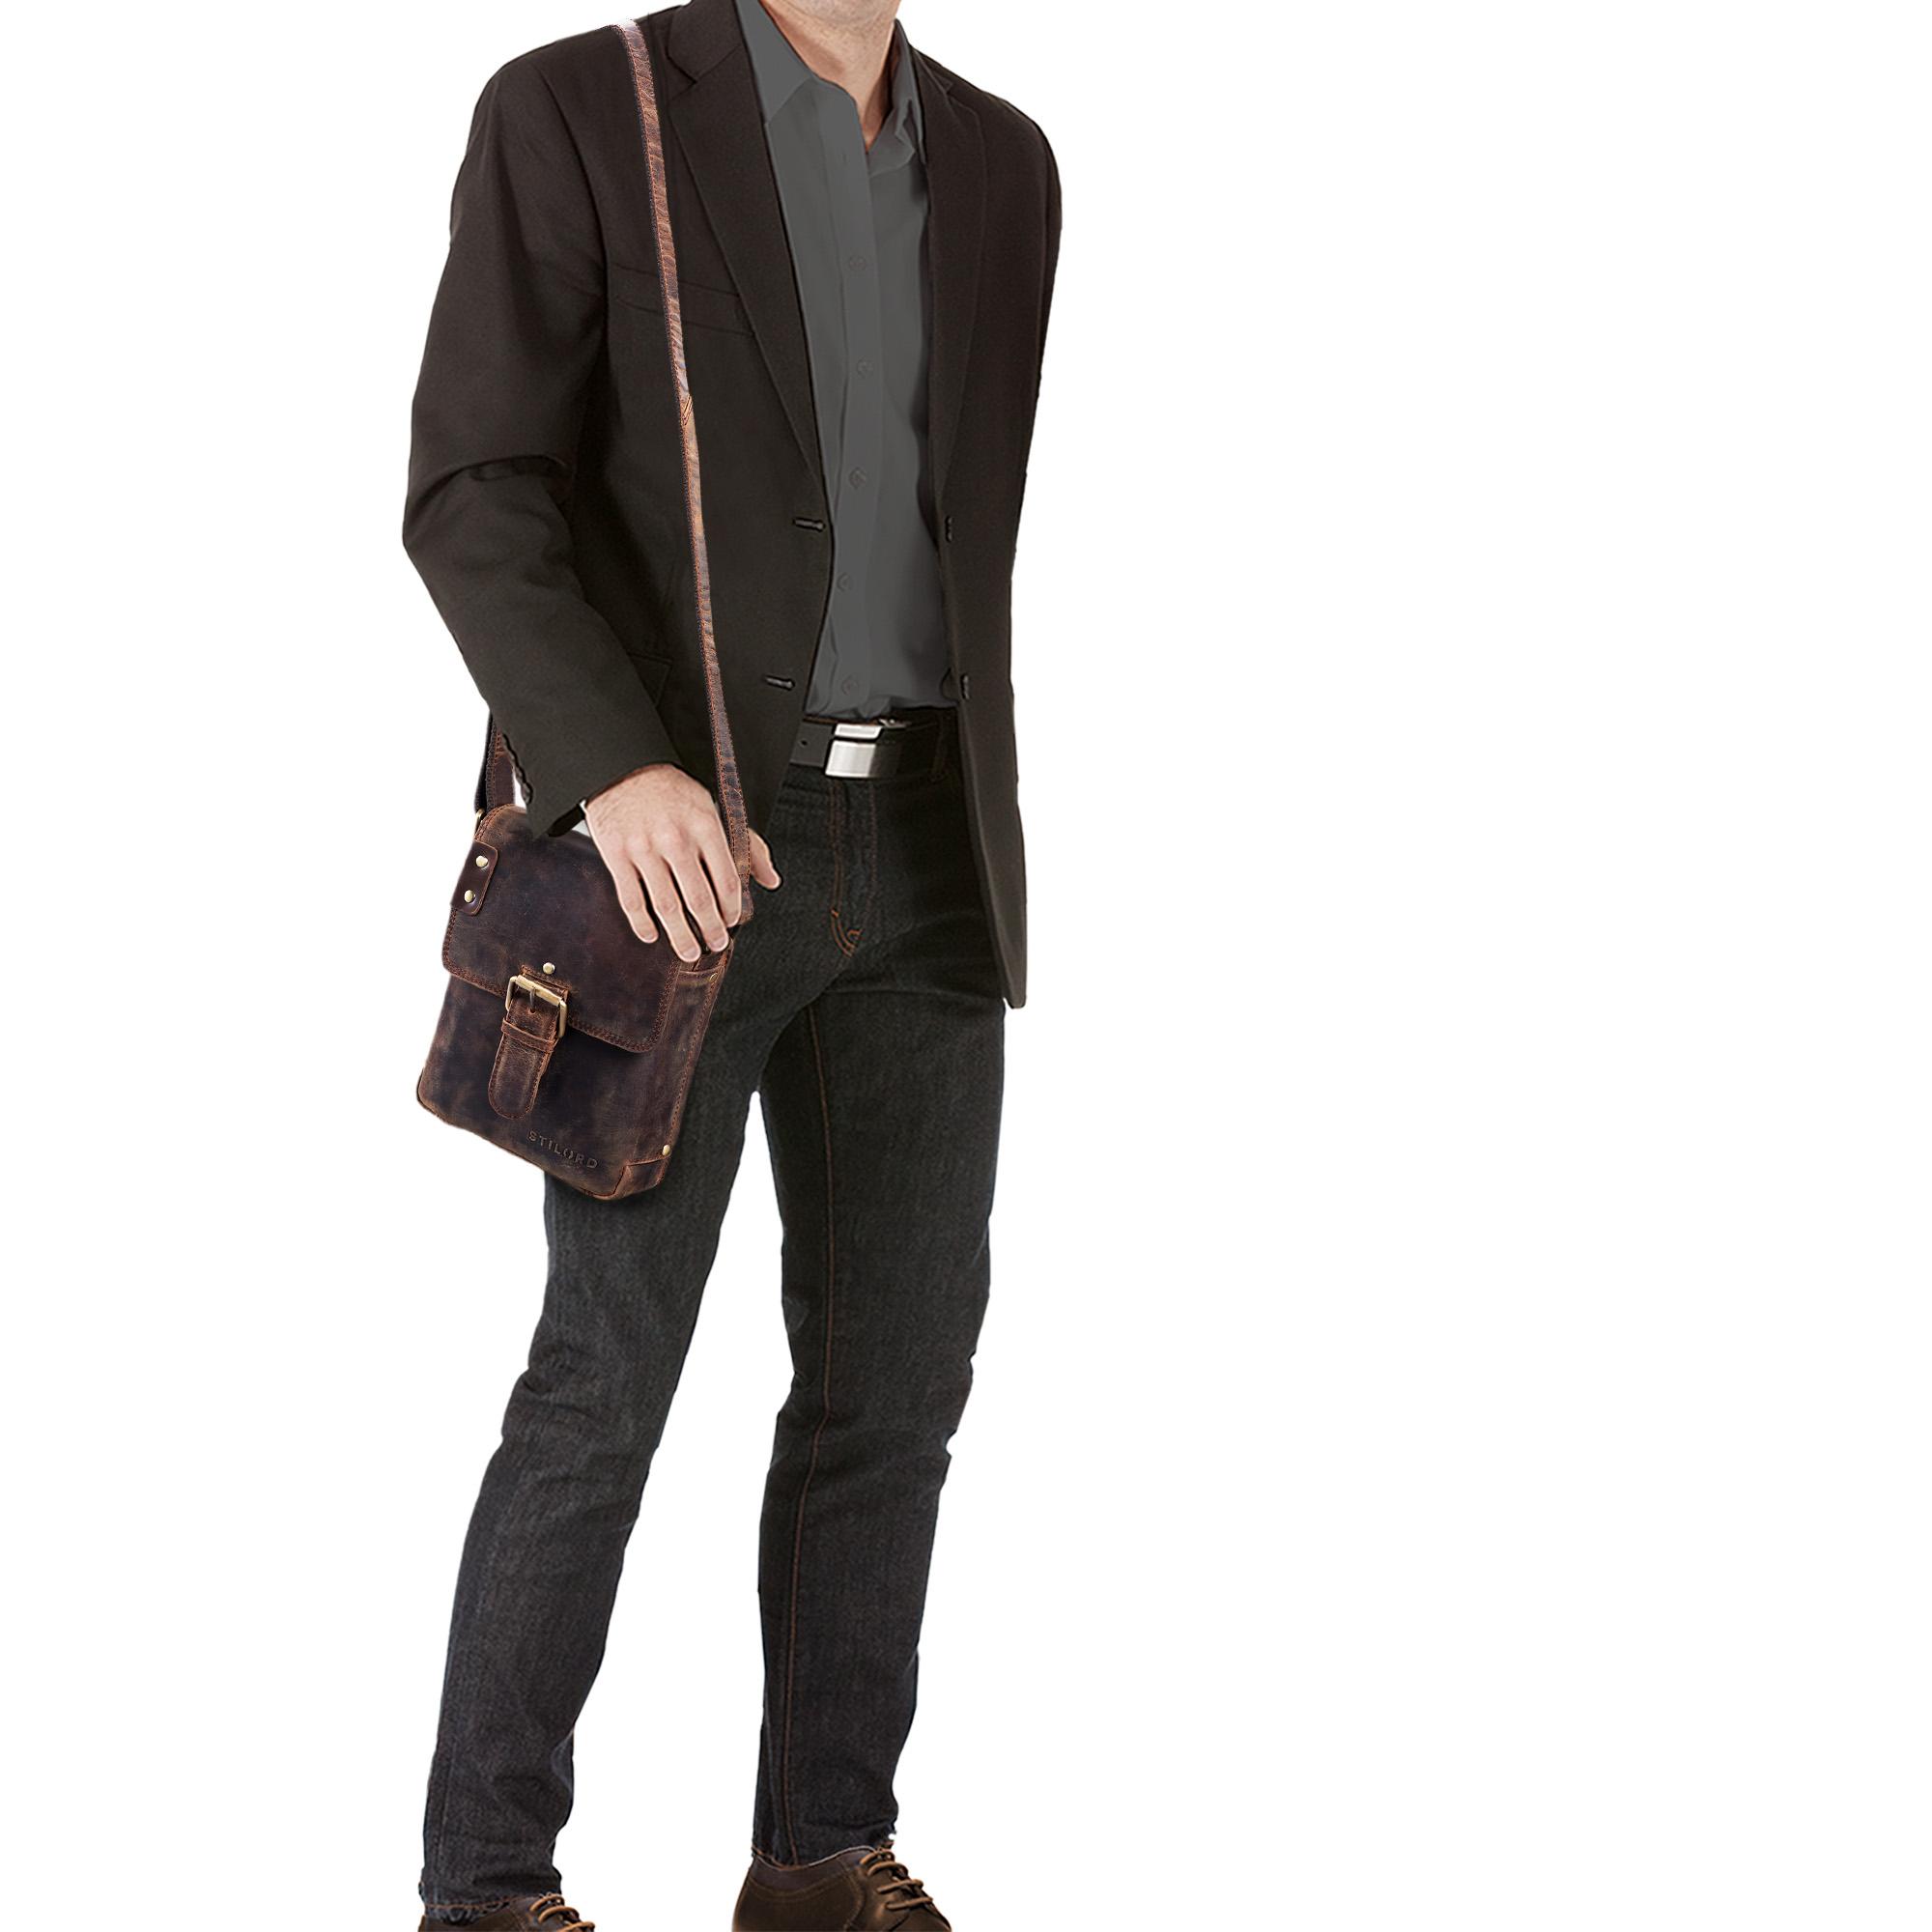 """STILORD """"Alessio"""" Leder Messenger Bag Männer klein Vintage Umhängetasche Herrentasche Tablettasche Schultertasche aus echtem Leder - Bild 2"""